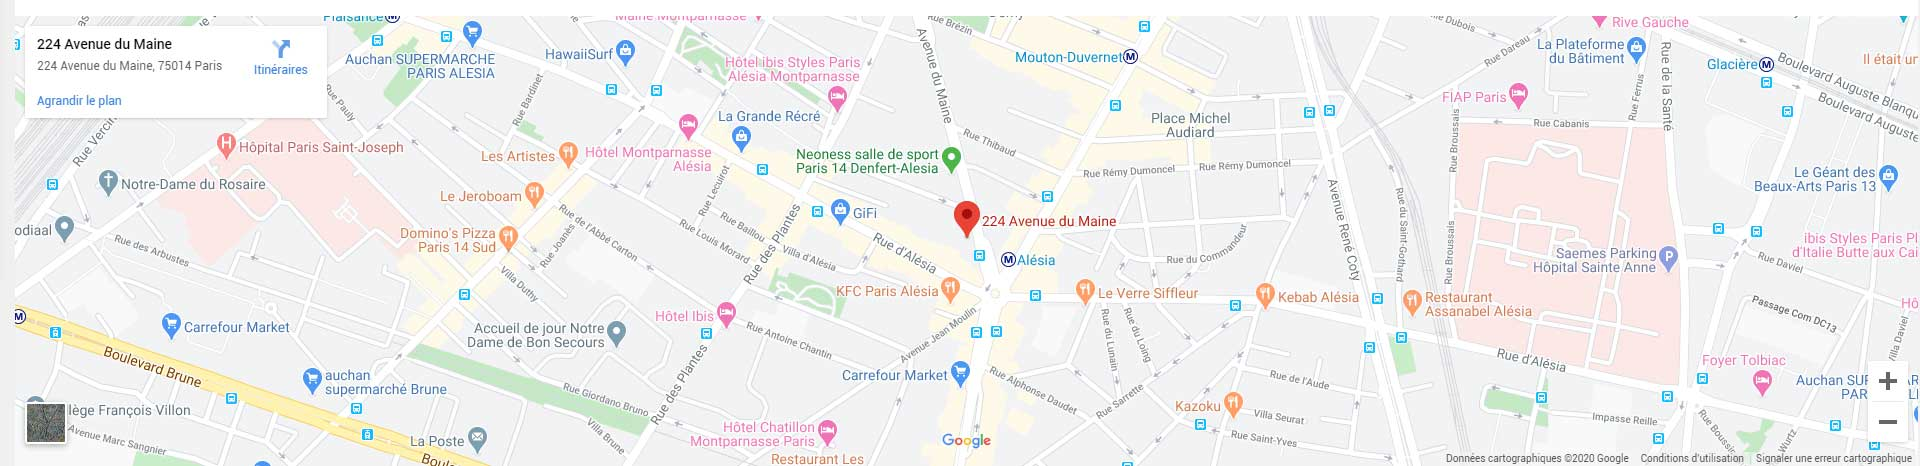 Plan d'accès Dr NGUYEN, acupuncteur et médecin esthétique à Paris